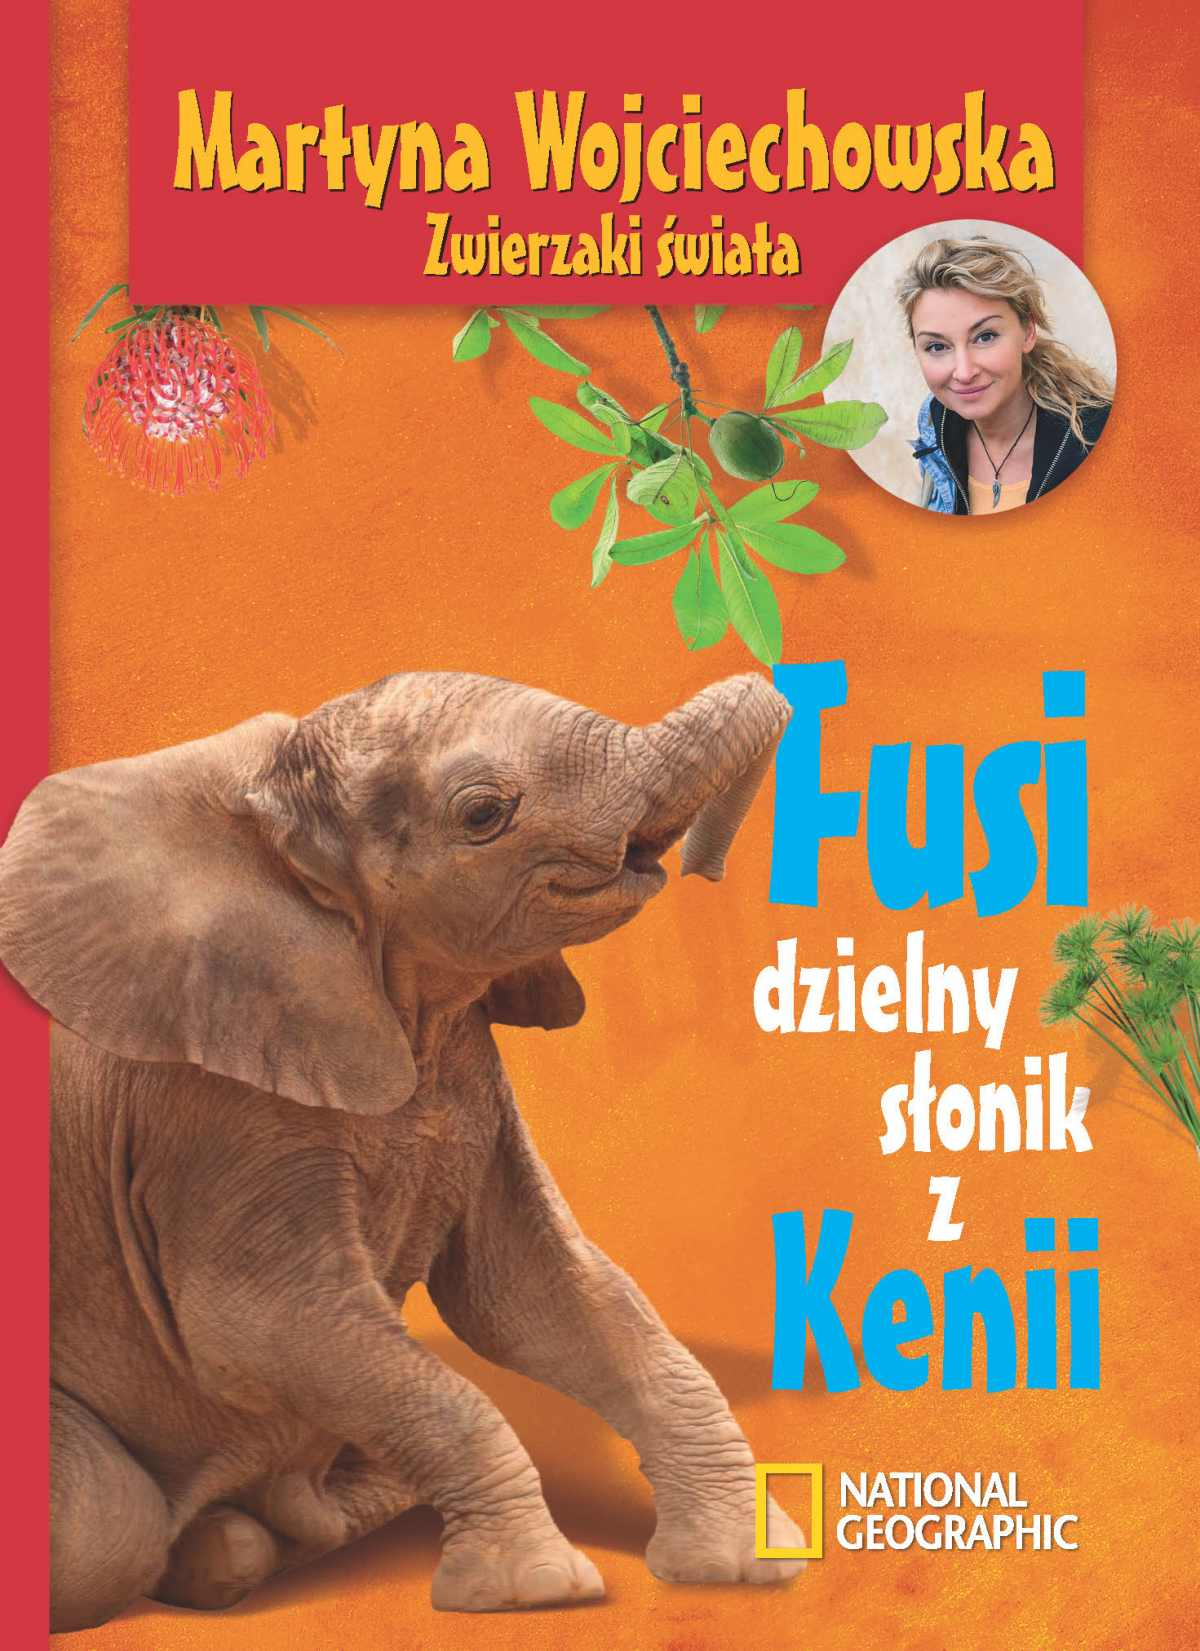 Fusi, dzielny słonik z Kenii - Ebook (Książka na Kindle) do pobrania w formacie MOBI